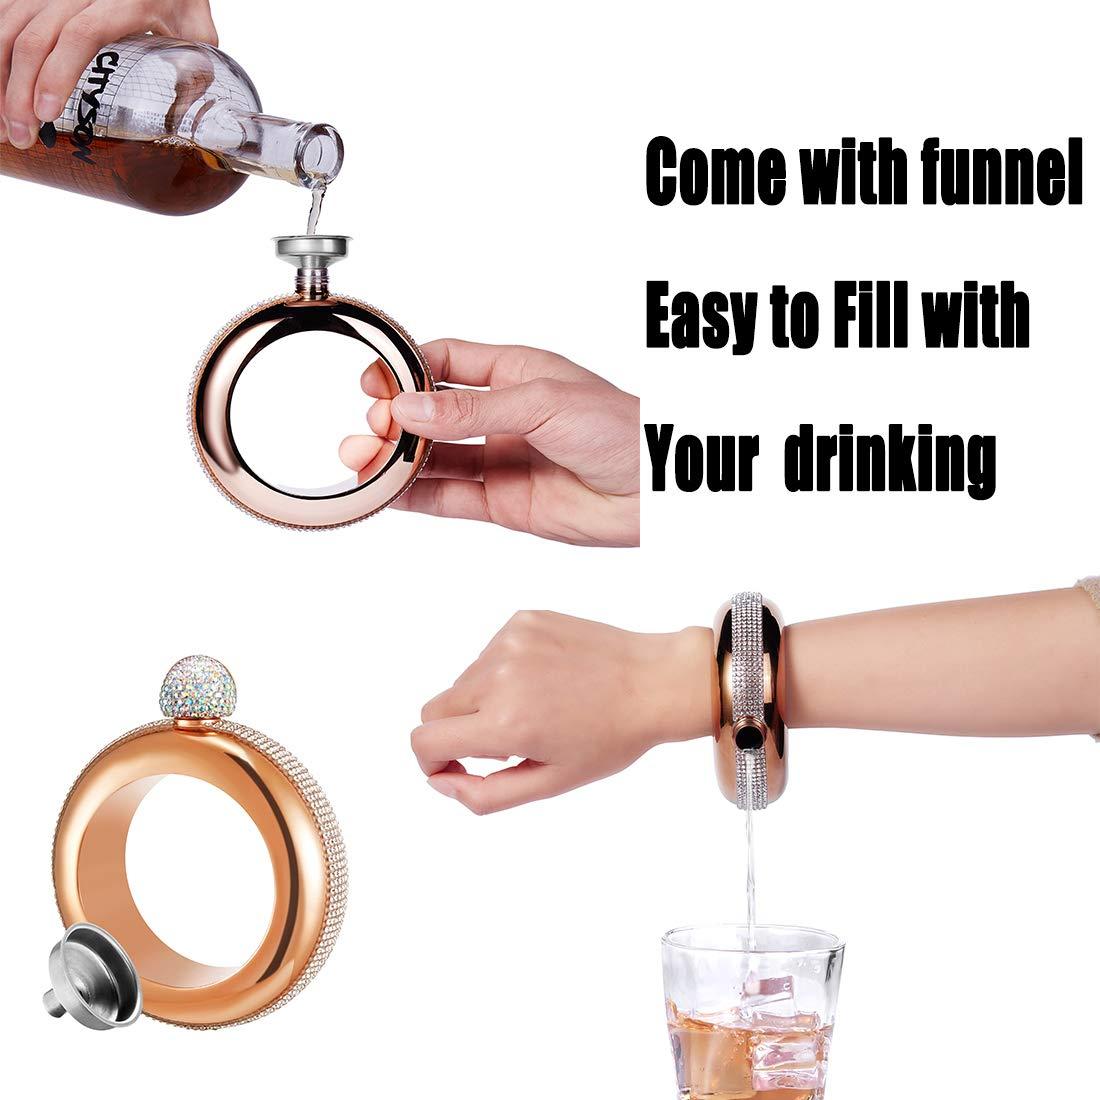 Rose Gold Stone Hillside-Kit Bracelet Bangle Flask Handmade Rhinestone Lid Stainless Steel Hidden Liquor Wine Flask Funnel Set Gift for Women Men Party Flask//Girls Cruise Sneak Flask Boozy 3.5 OZ